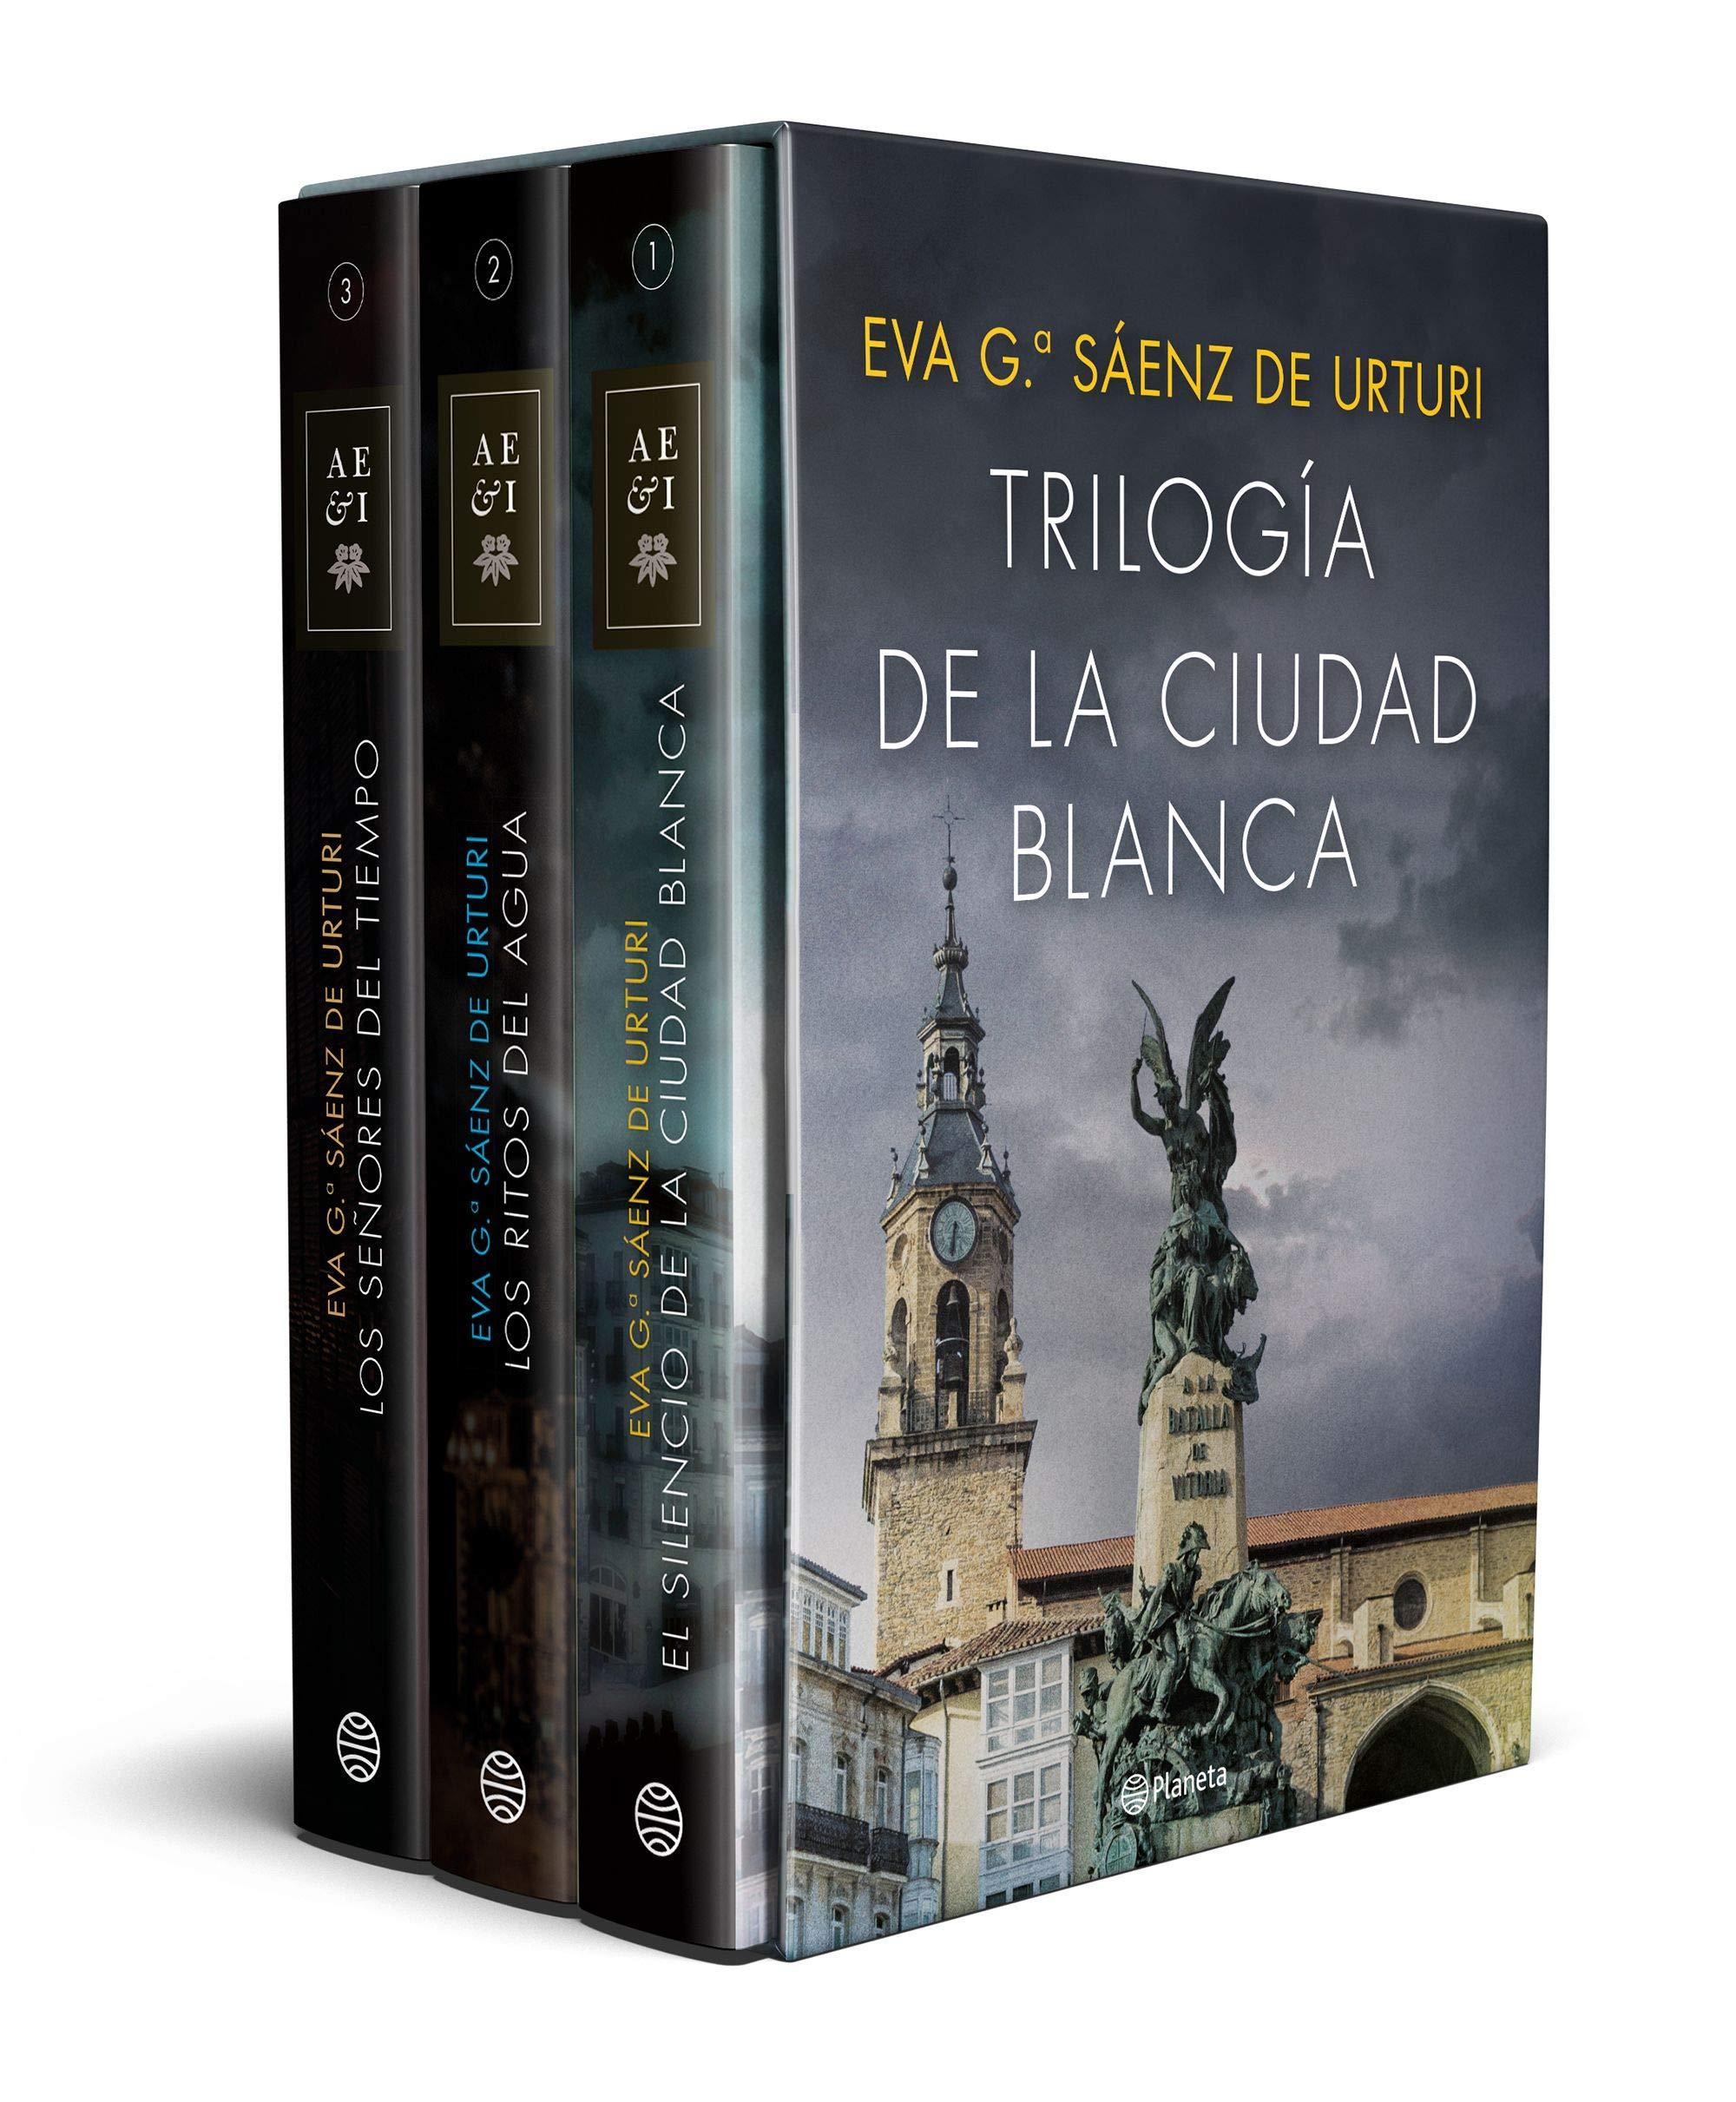 Estuche trilogía La ciudad blanca: 5 Autores Españoles e Iberoamericanos:  Amazon.es: Eva García Sáenz de Urturi: Libros